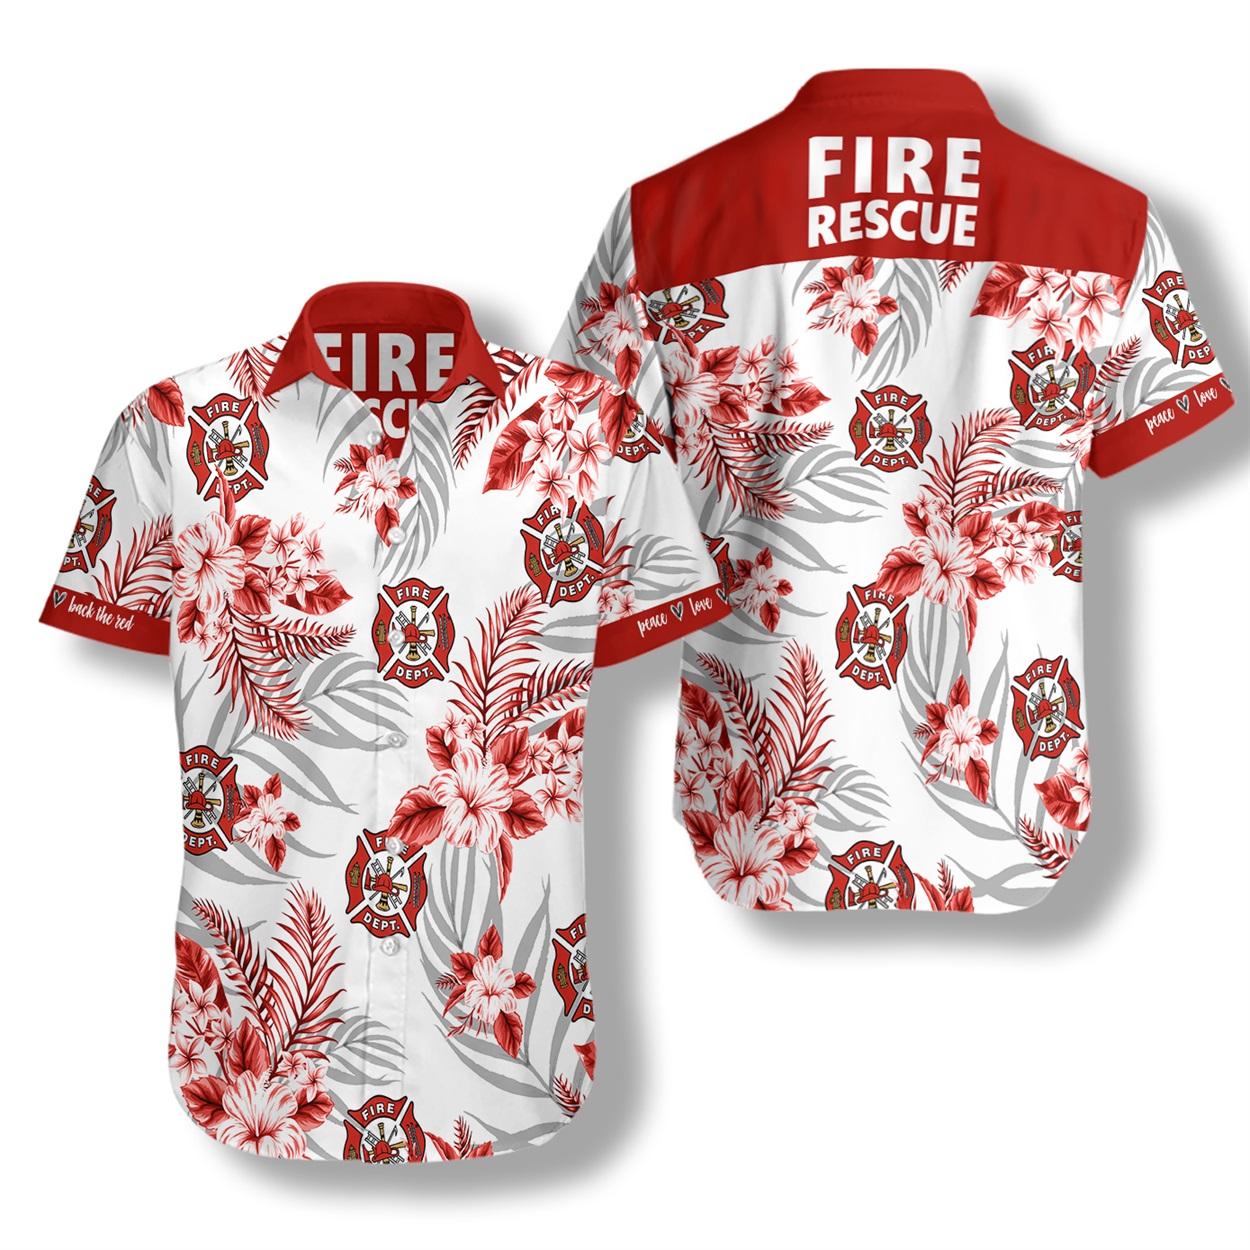 Firefighter fire rescue hawaiian shirt